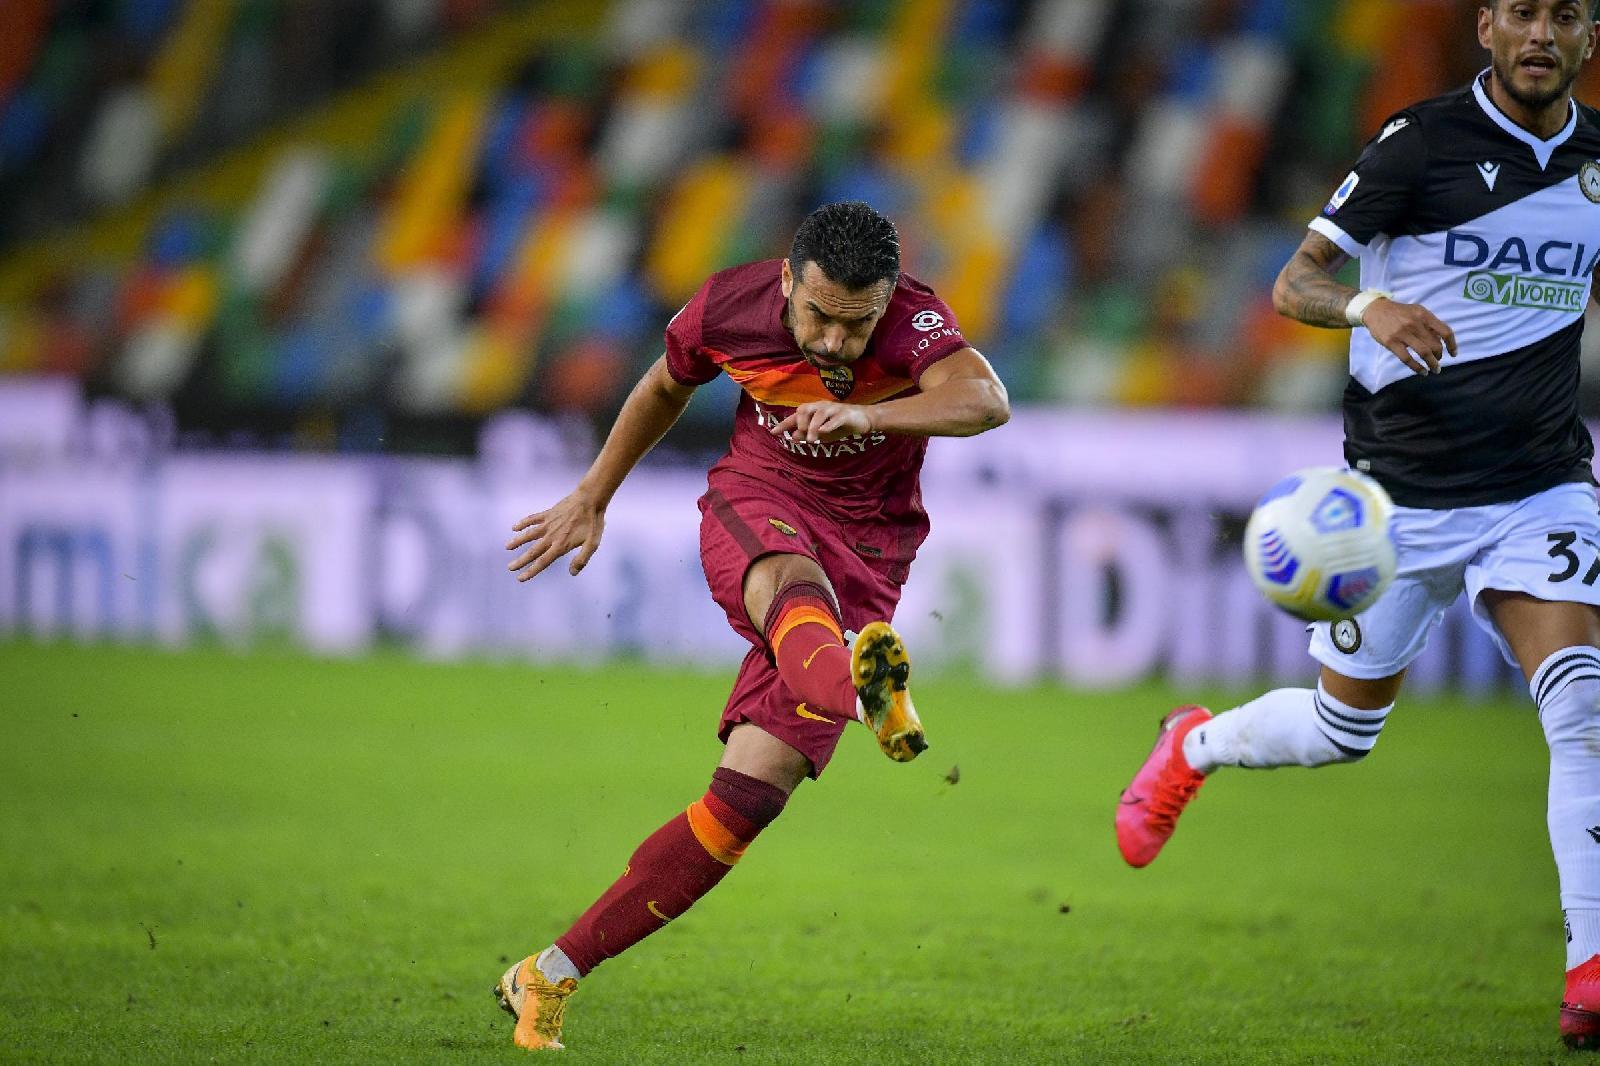 Pedro gol a Udine: finisce 0-1 per la Roma!